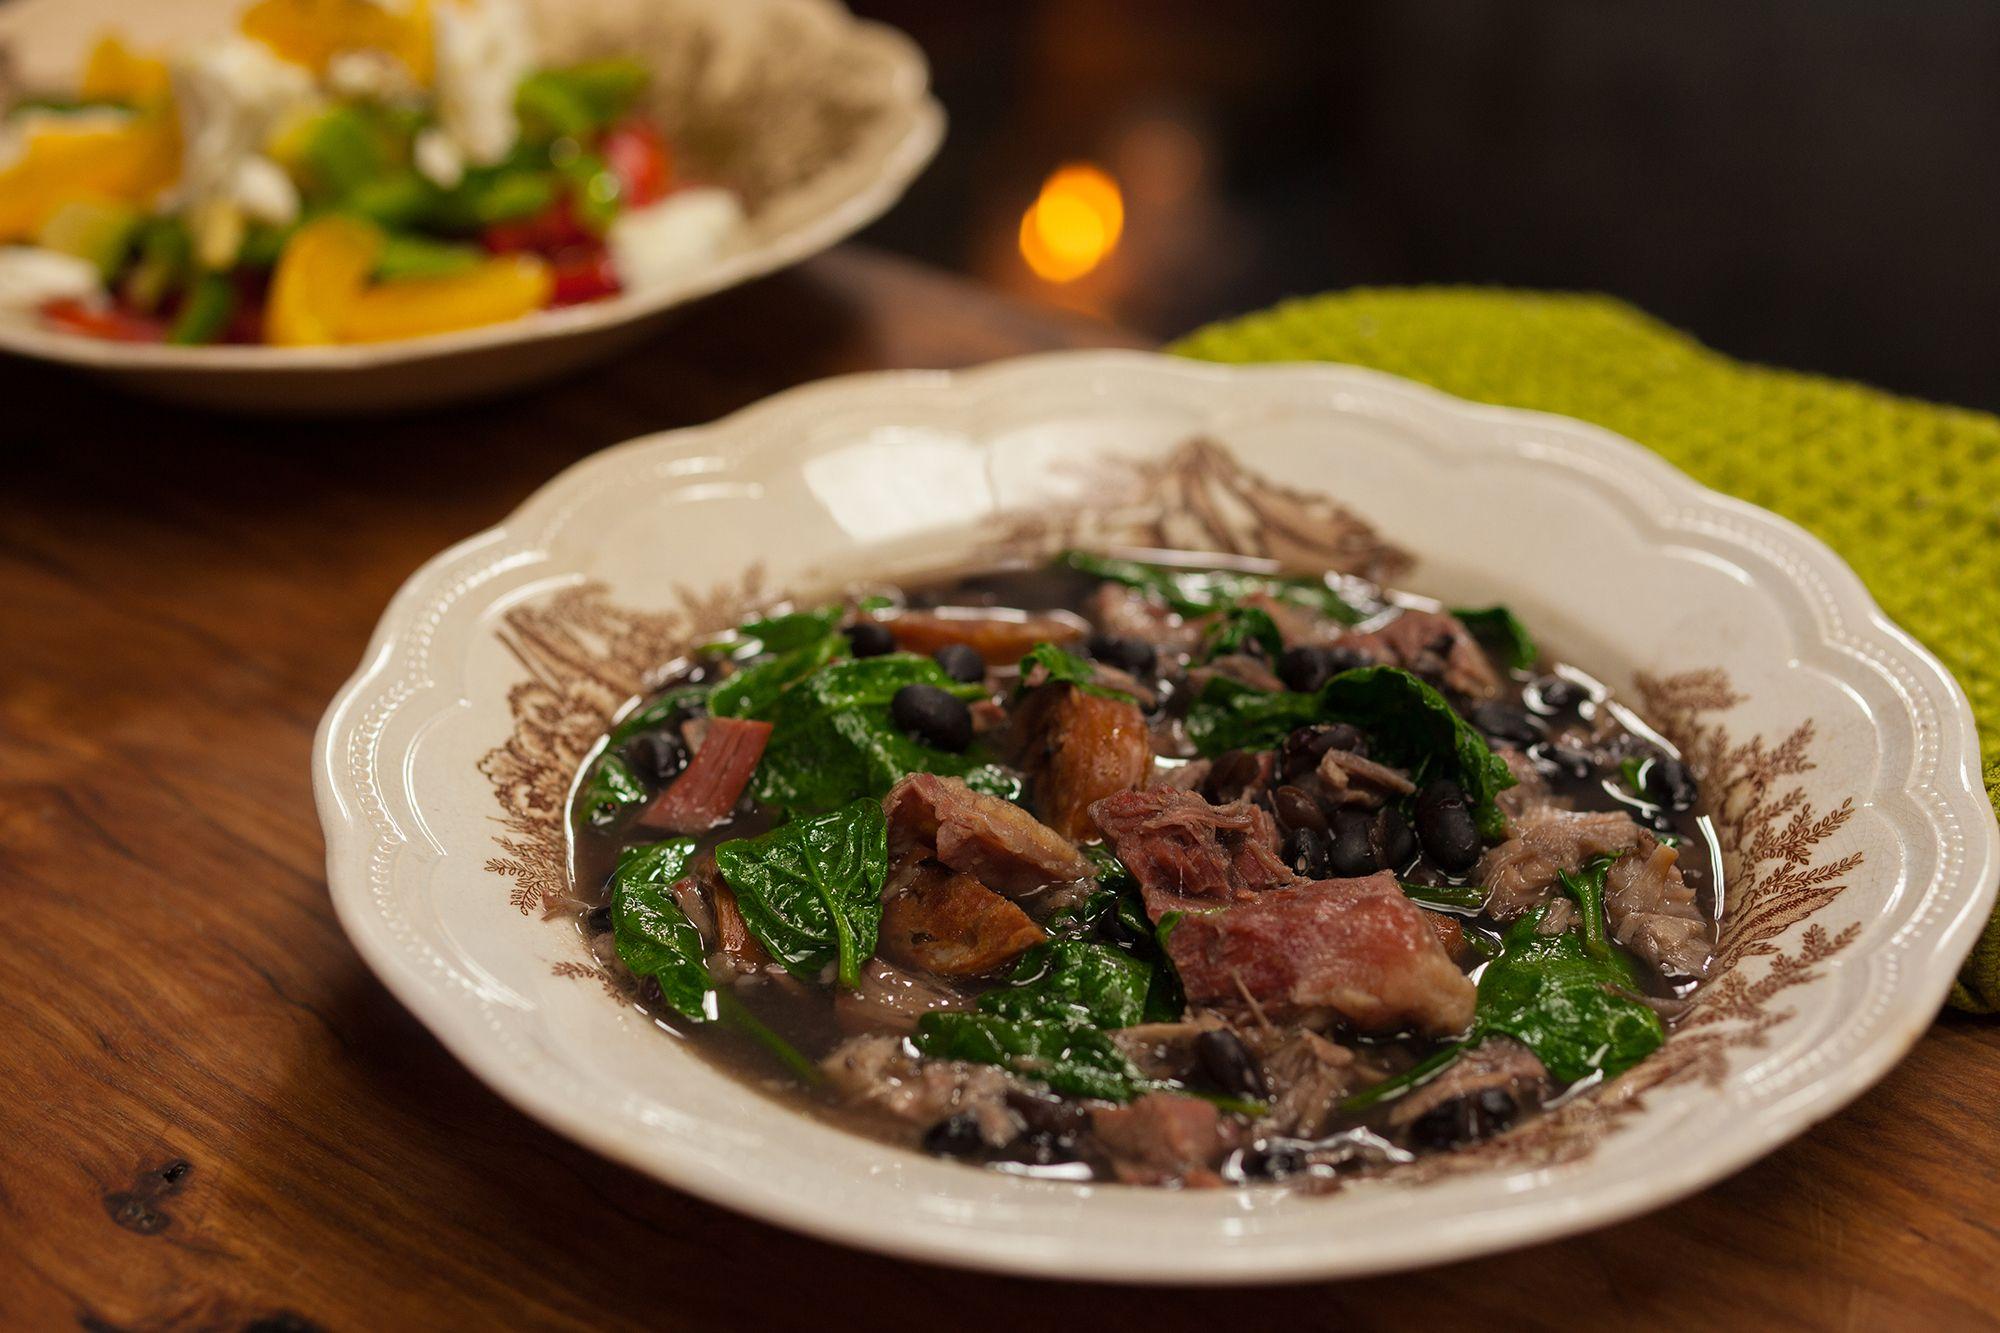 Feijoada & Poa de Quejio: http://gustotv.com/recipes/lunch/feijoada-poa-de-quejio/